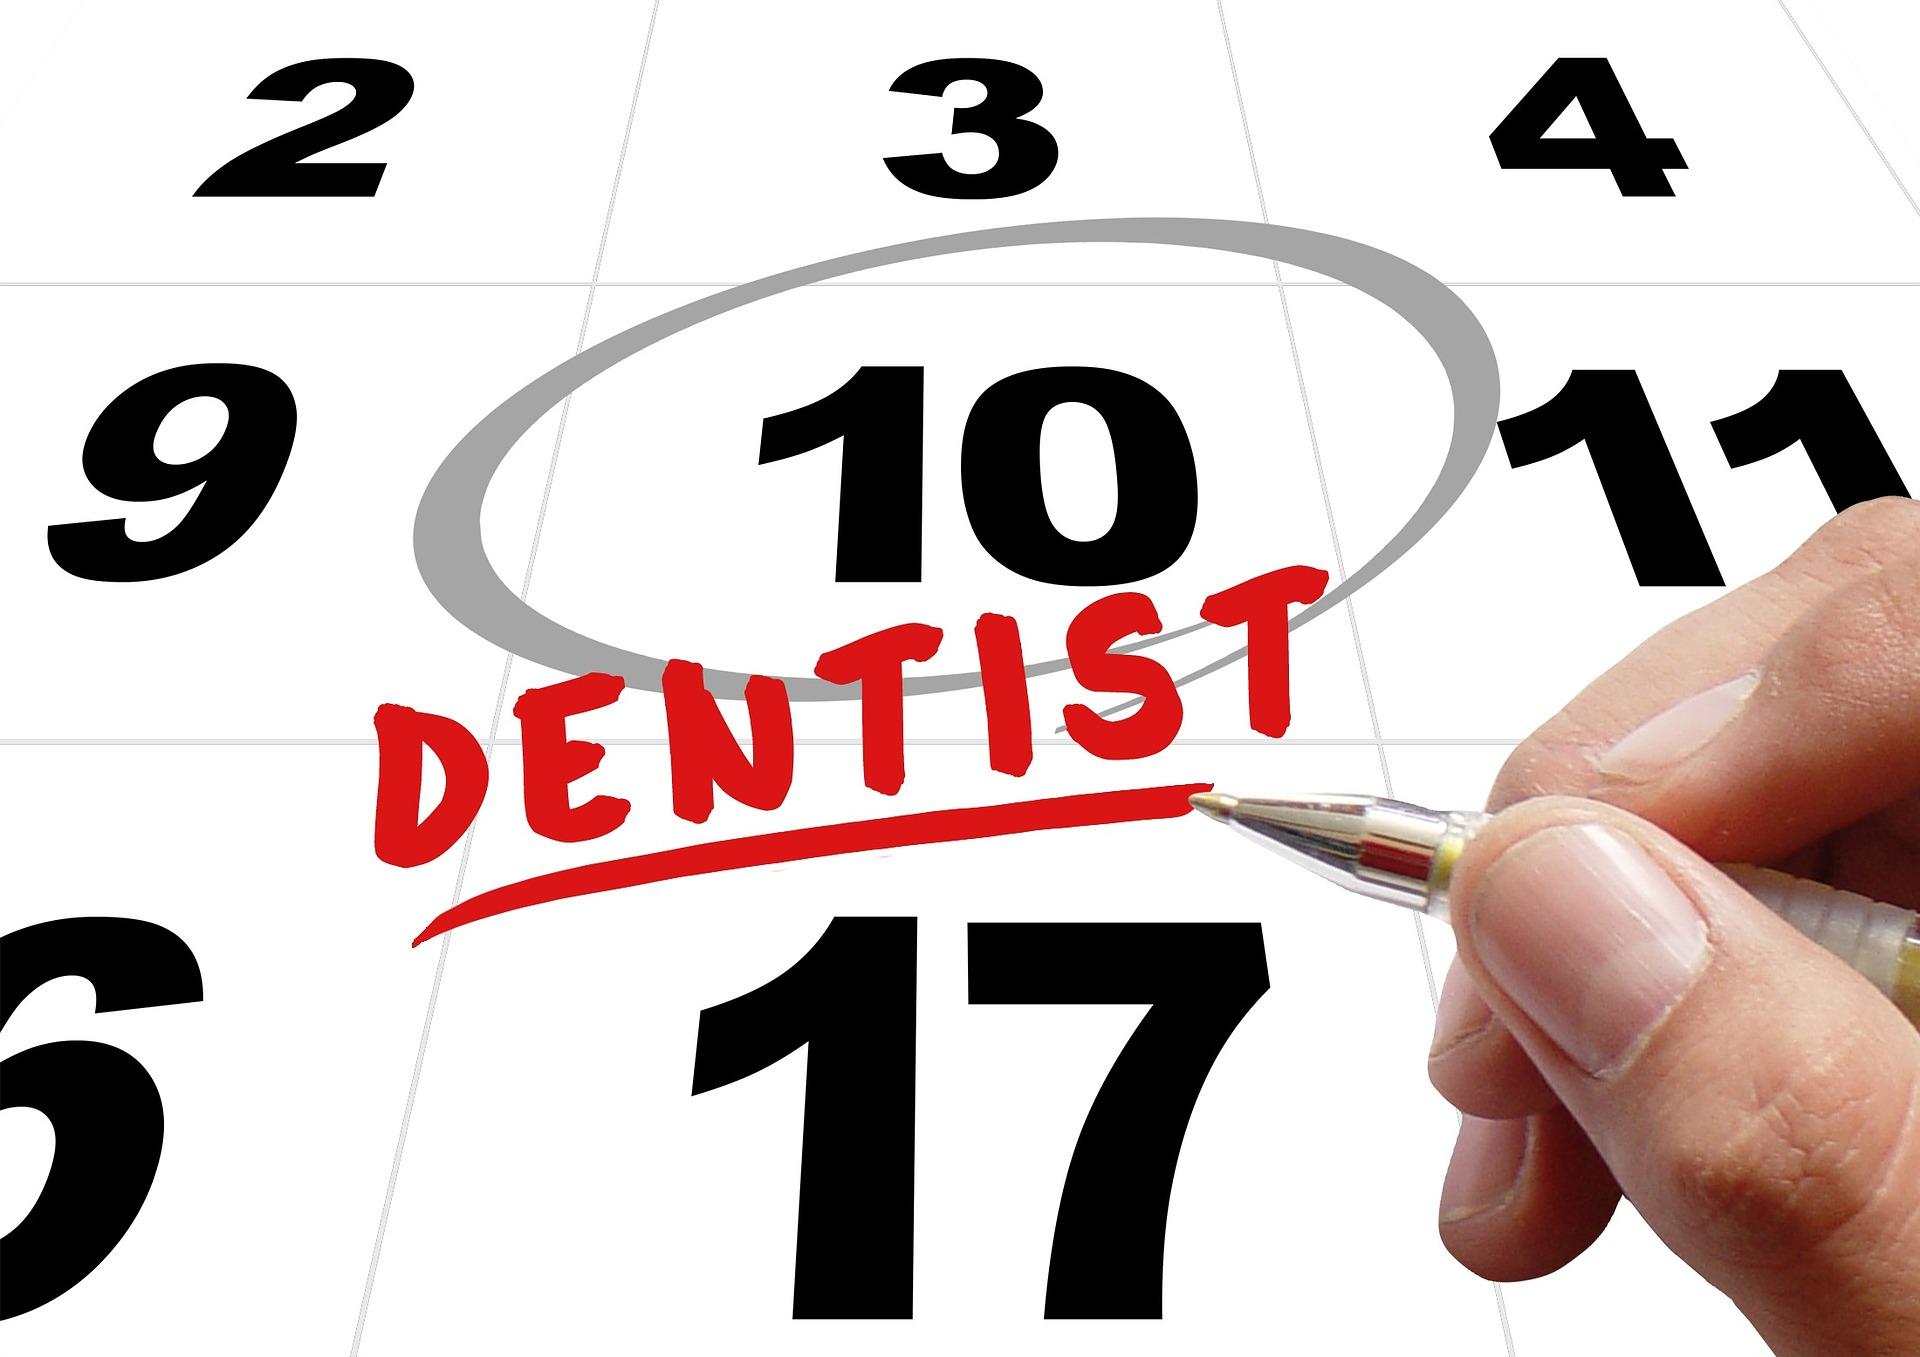 Sólo el 25% de los casos de cáncer oral se detectan en fases iniciales